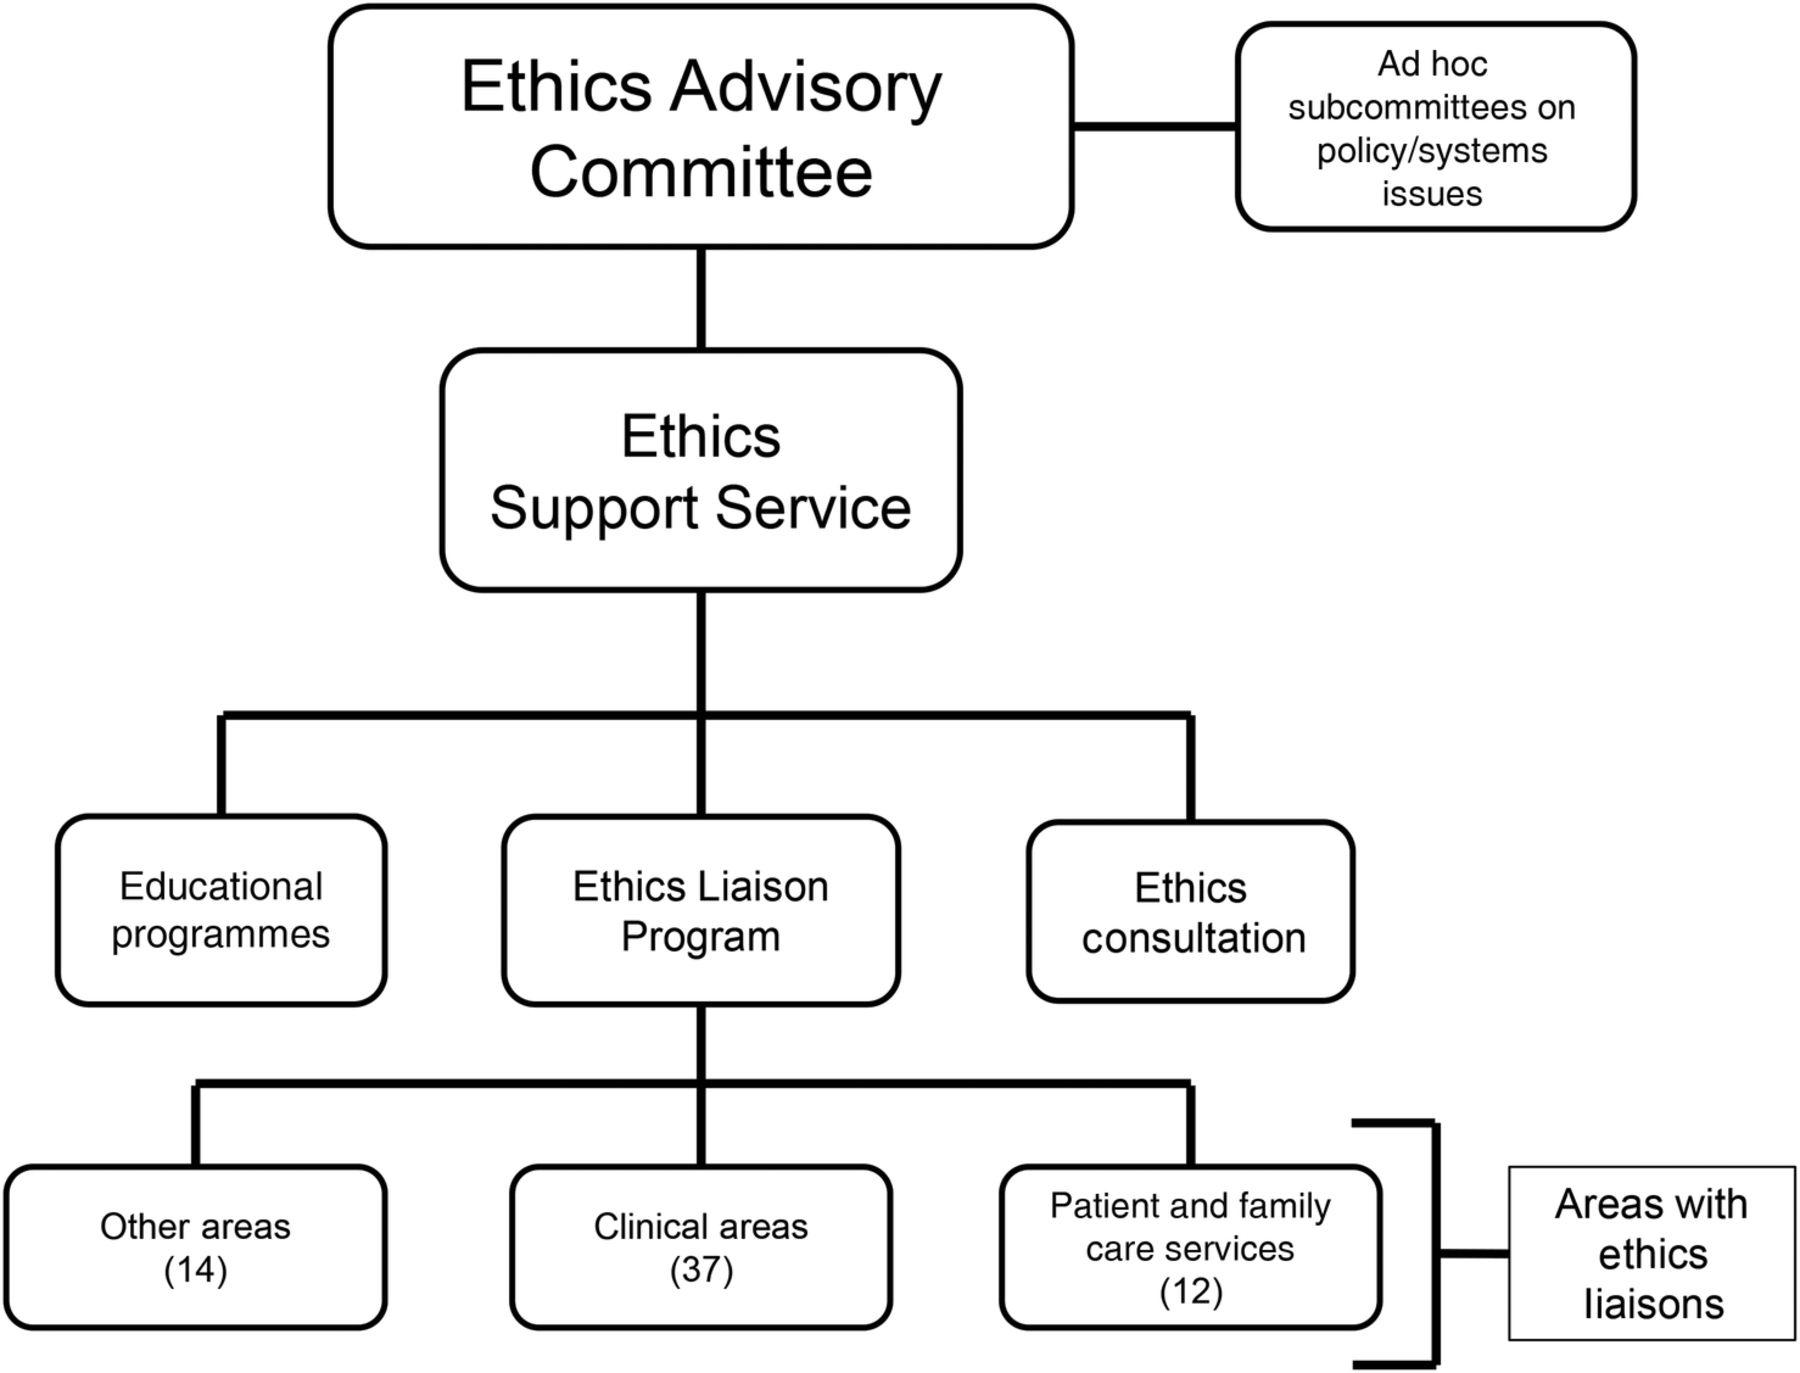 The Ethics Liaison Program: building a moral community